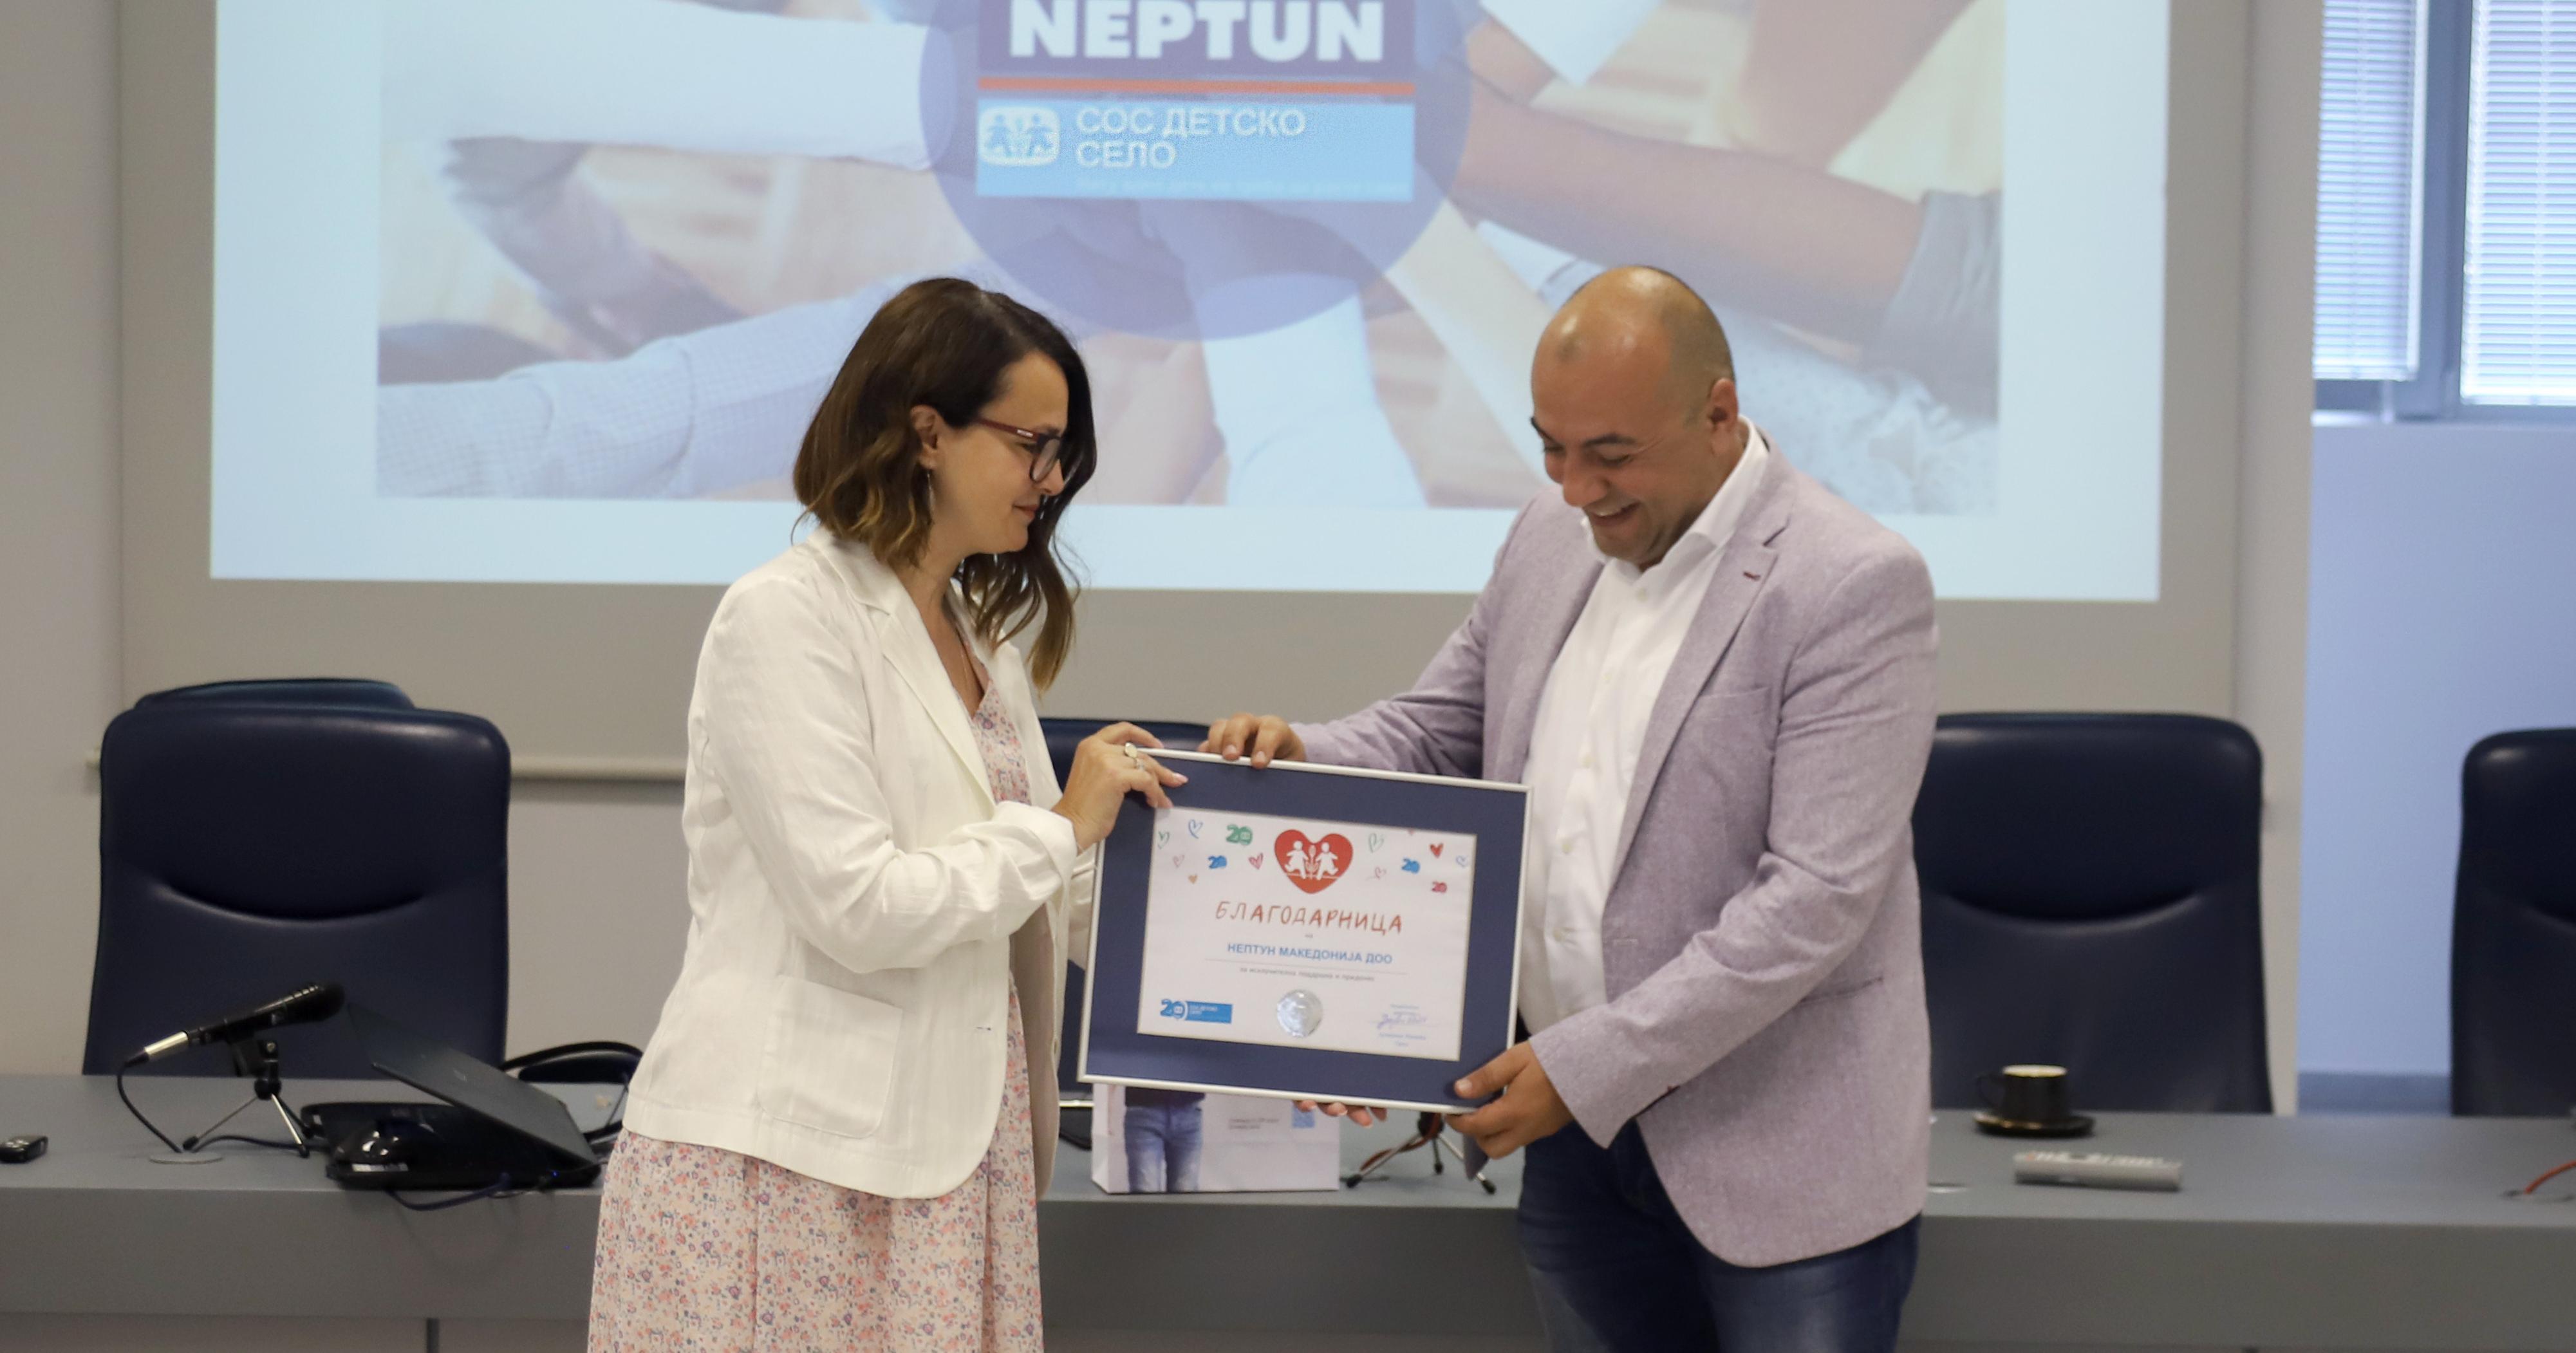 Нептун станува стратешки поддржувач на СОС детско село